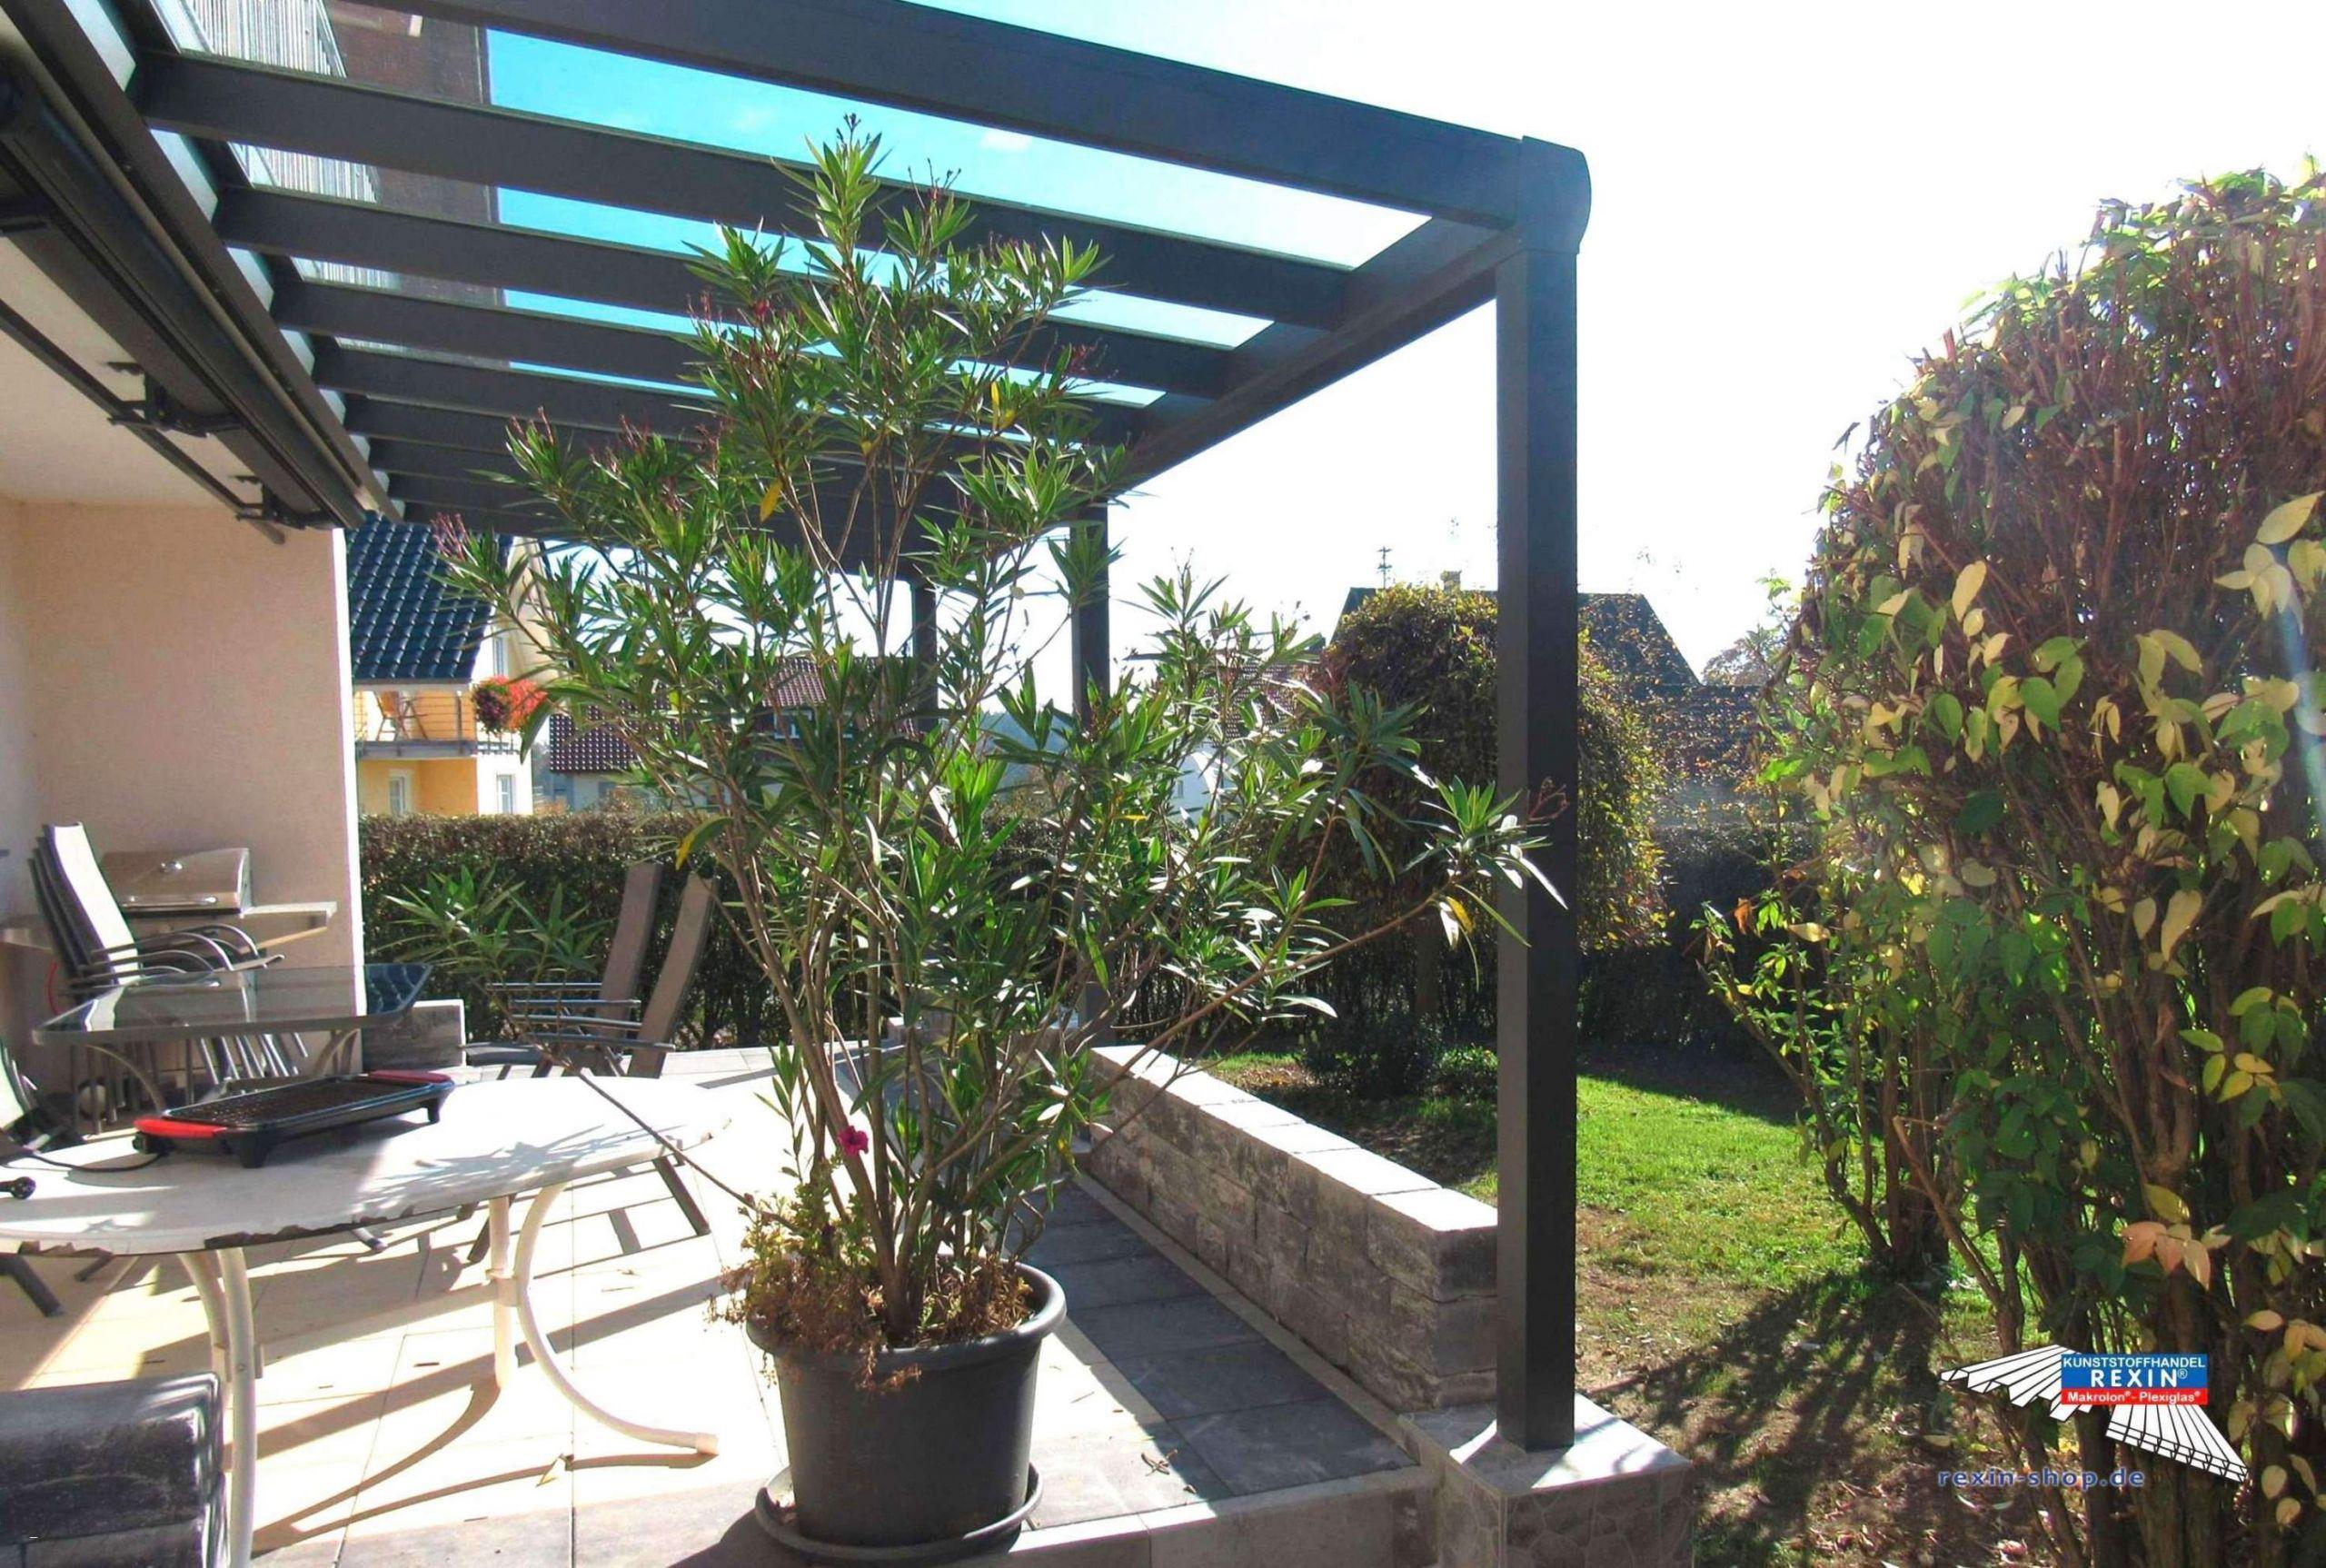 sonnenschutz garten elegant terassen ideen genial balkon ideen luxus balkon beleuchtung ideen balkon beleuchtung ideen